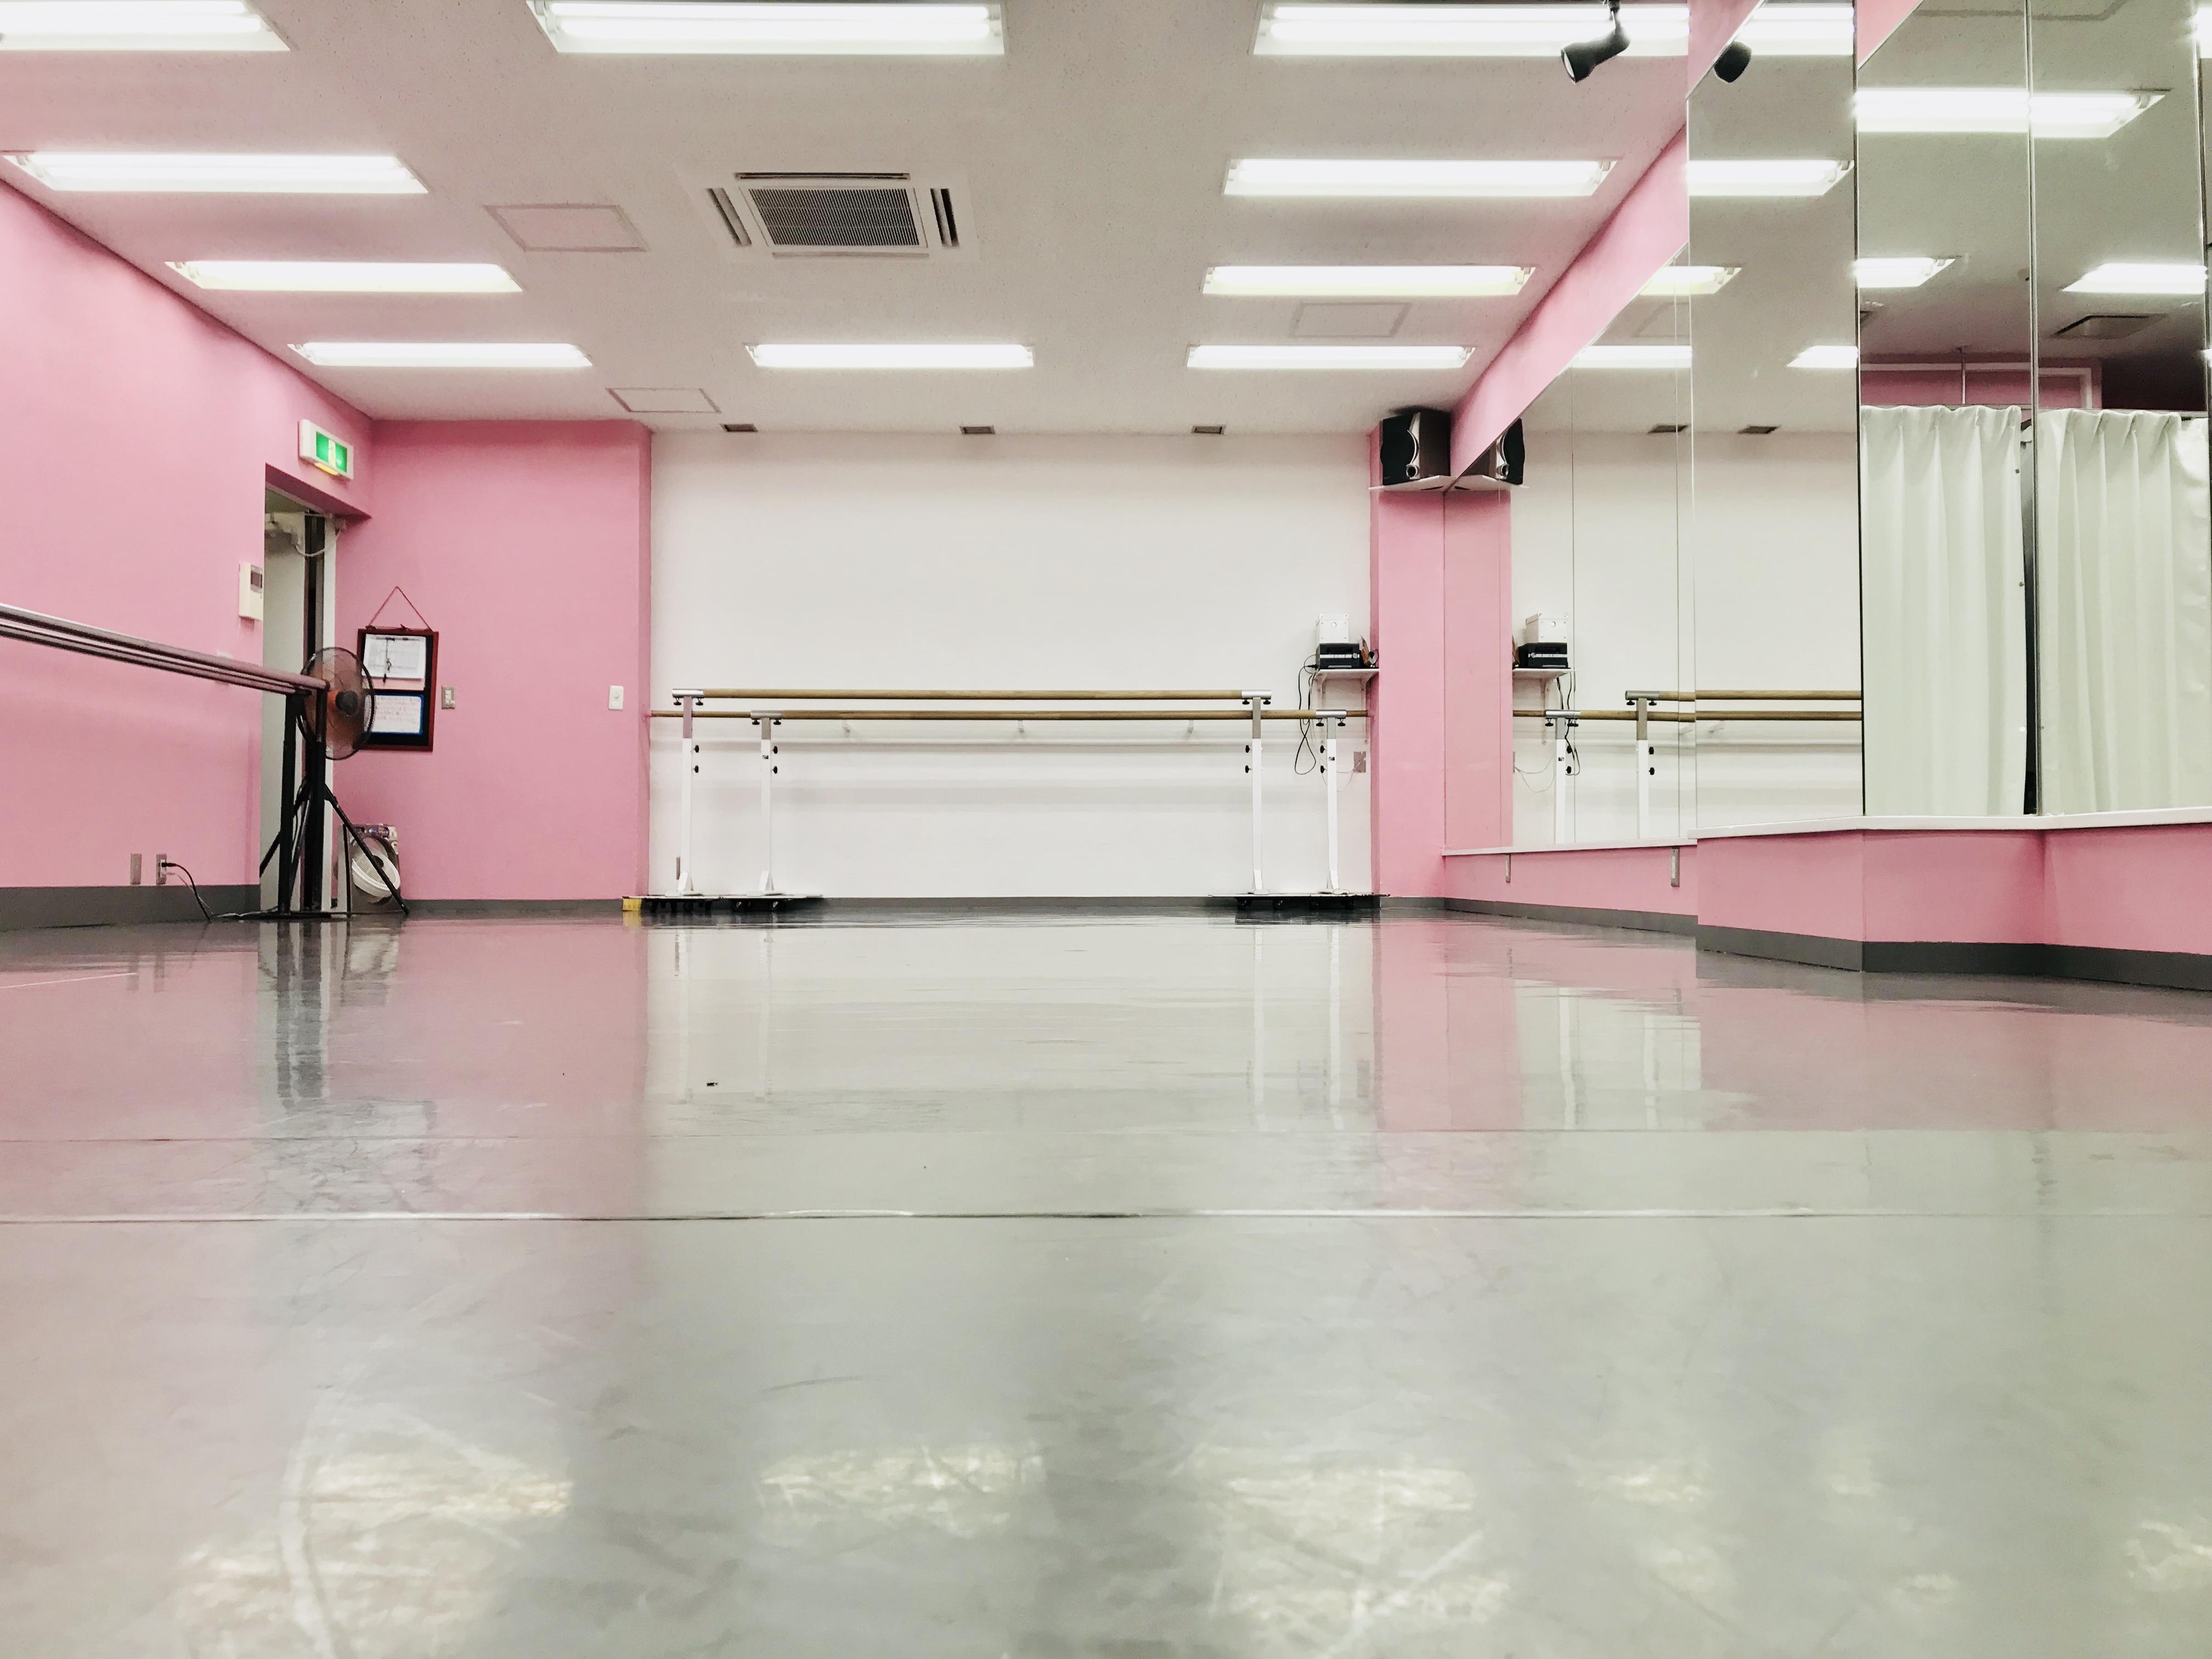 千代田区 秋葉原の貸しレンタルダンススタジオ ブルーハススタジオ 左4